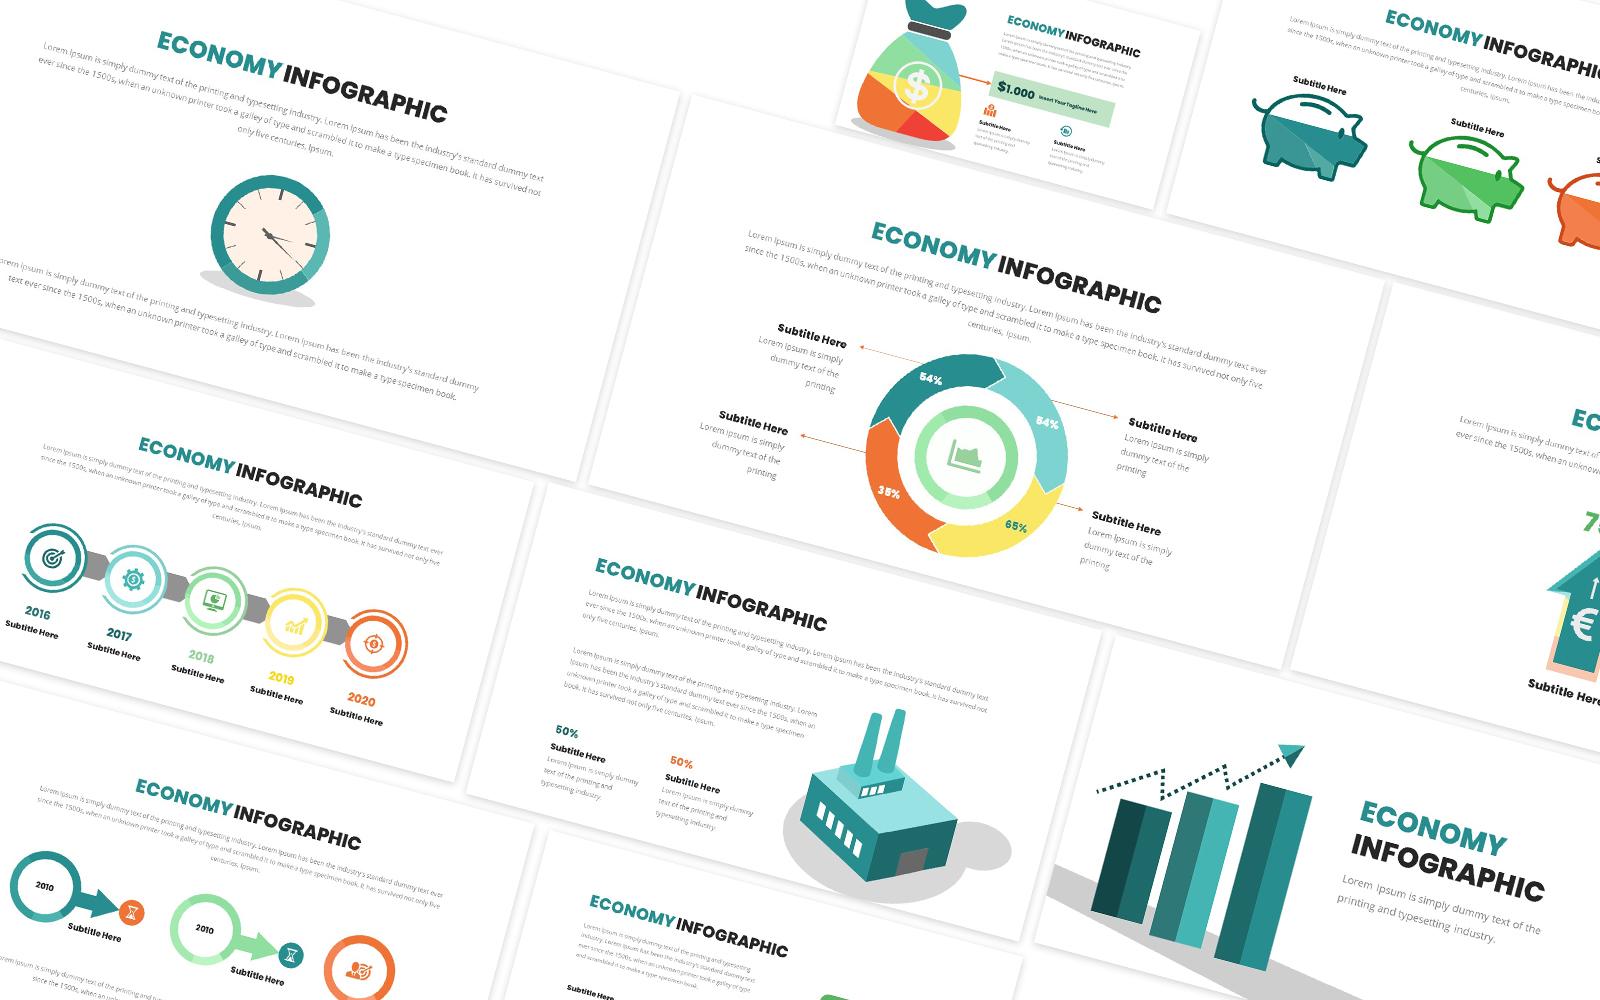 Economy Infographic Powerpoint